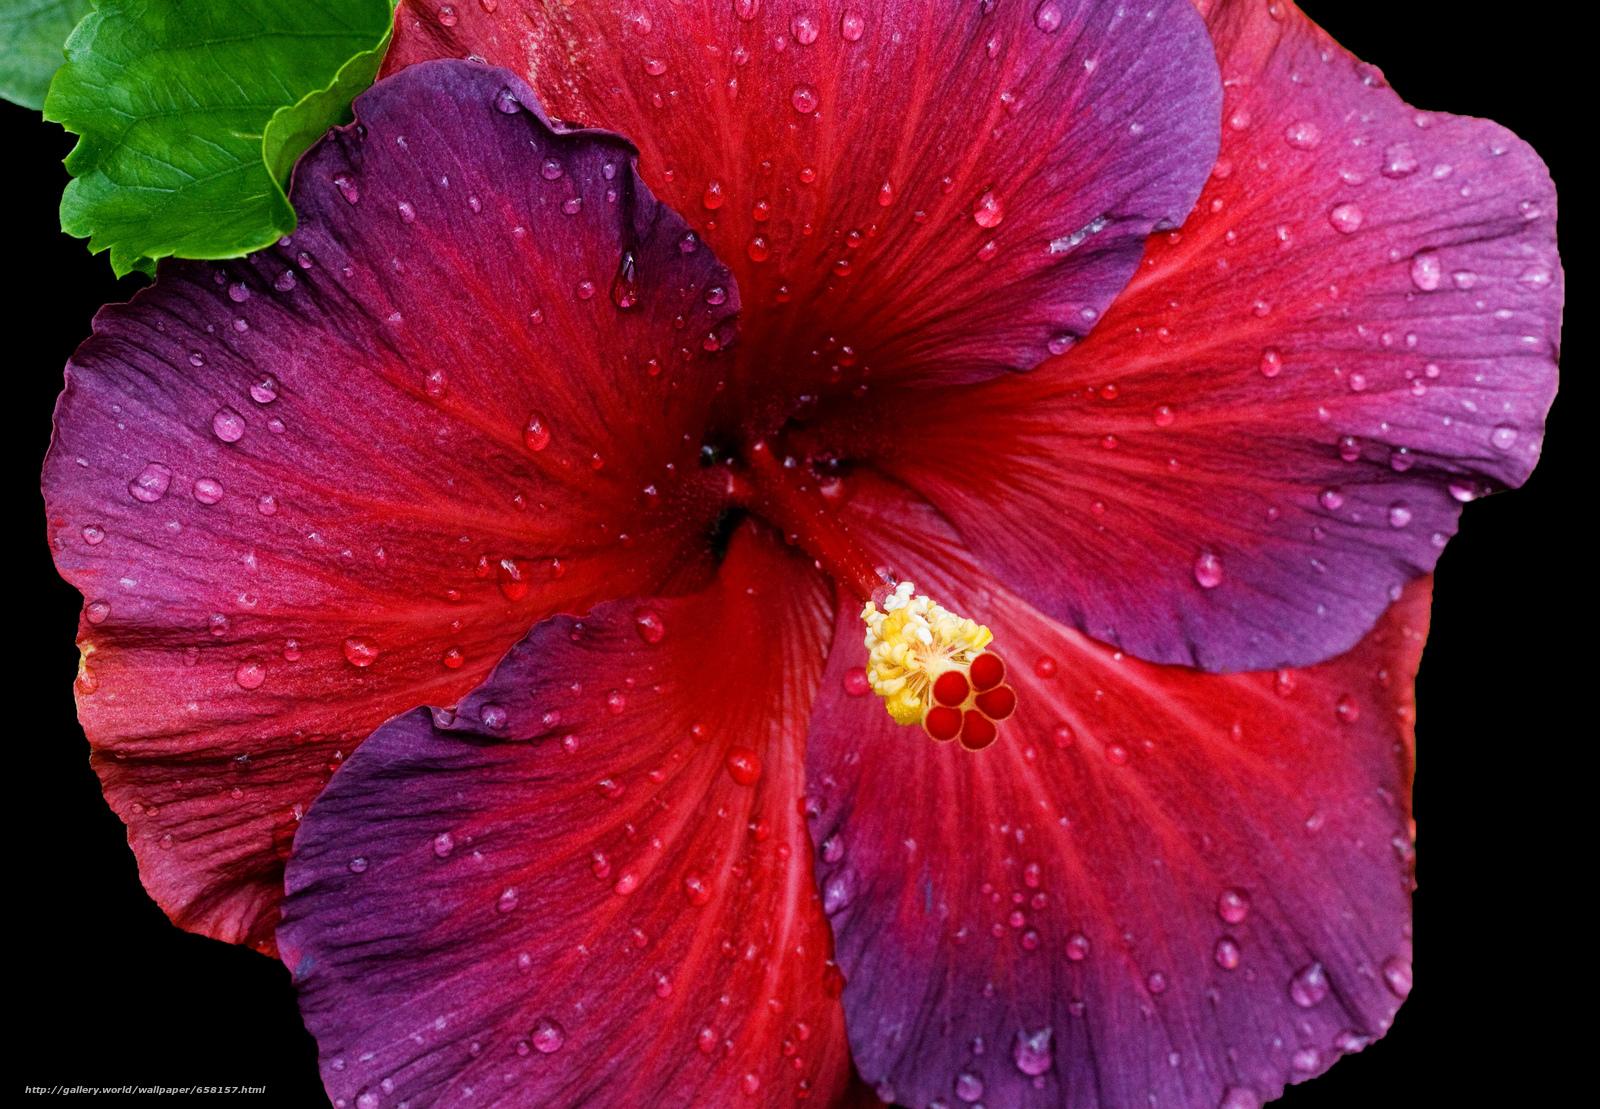 Download Hintergrund Hibiskus,  Hibiskus,  Blumen,  Blume Freie desktop Tapeten in der Auflosung 3617x2508 — bild №658157